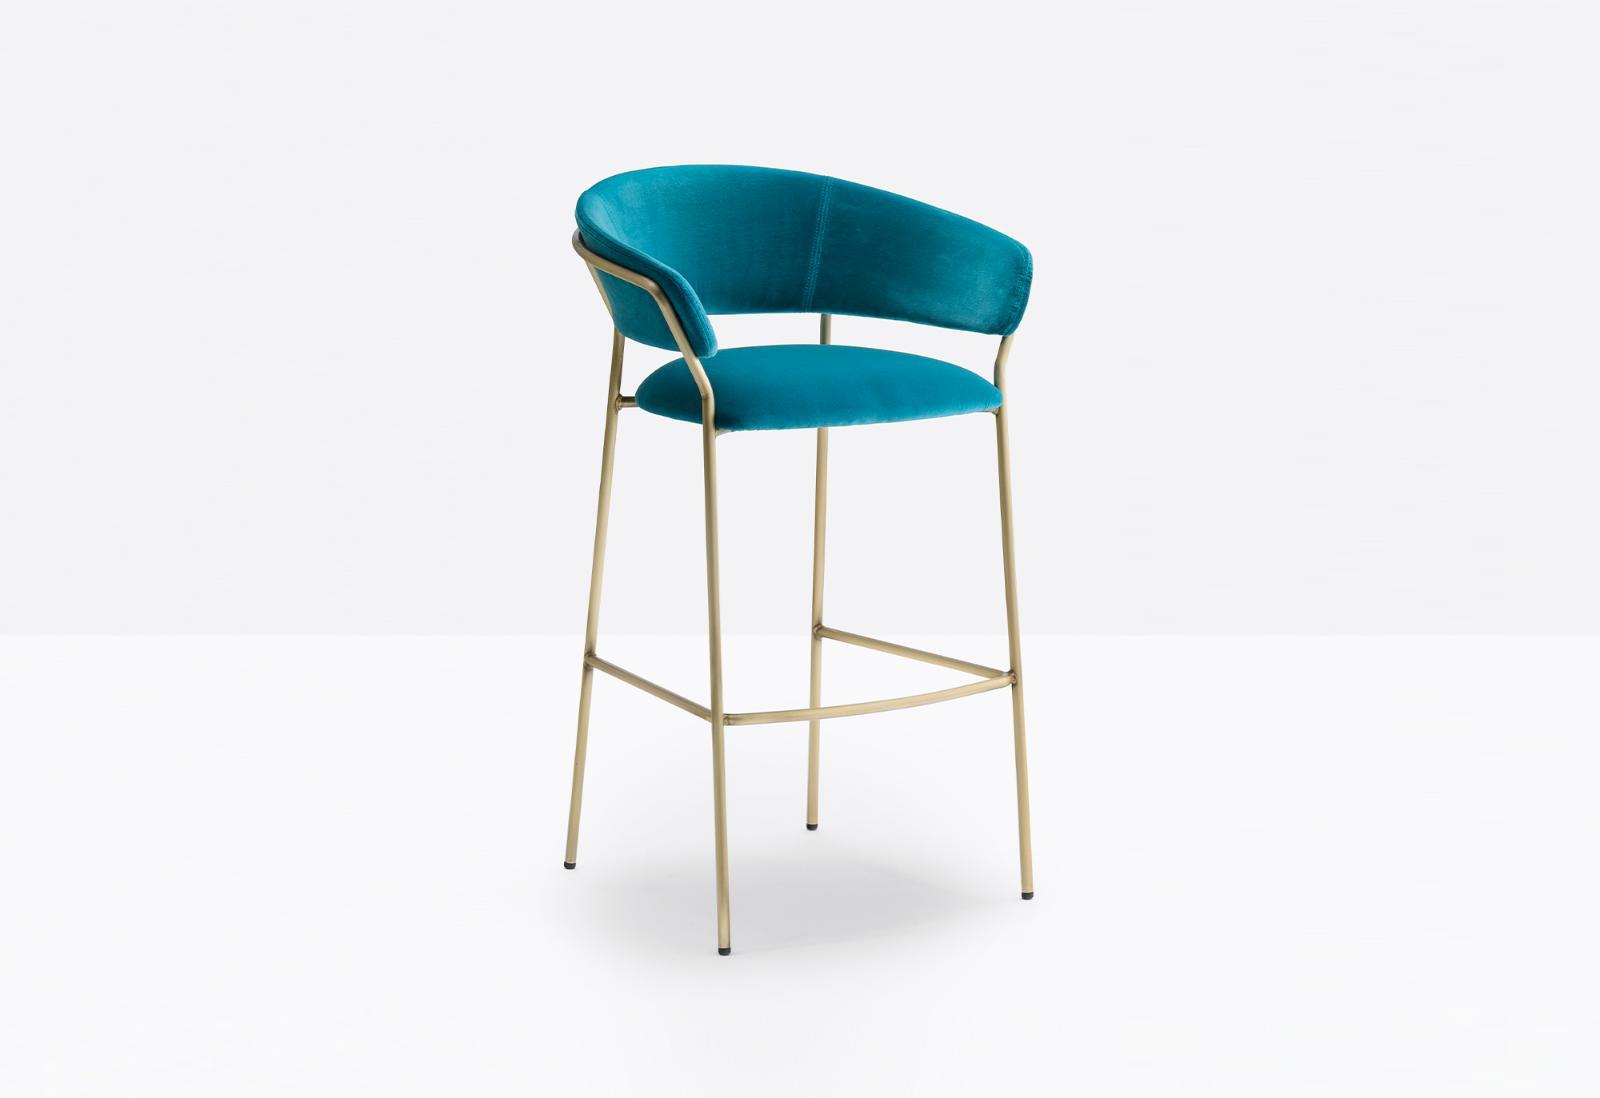 Pedrali Барний стілець Jazz 3718 від італійського виробника Pedrali